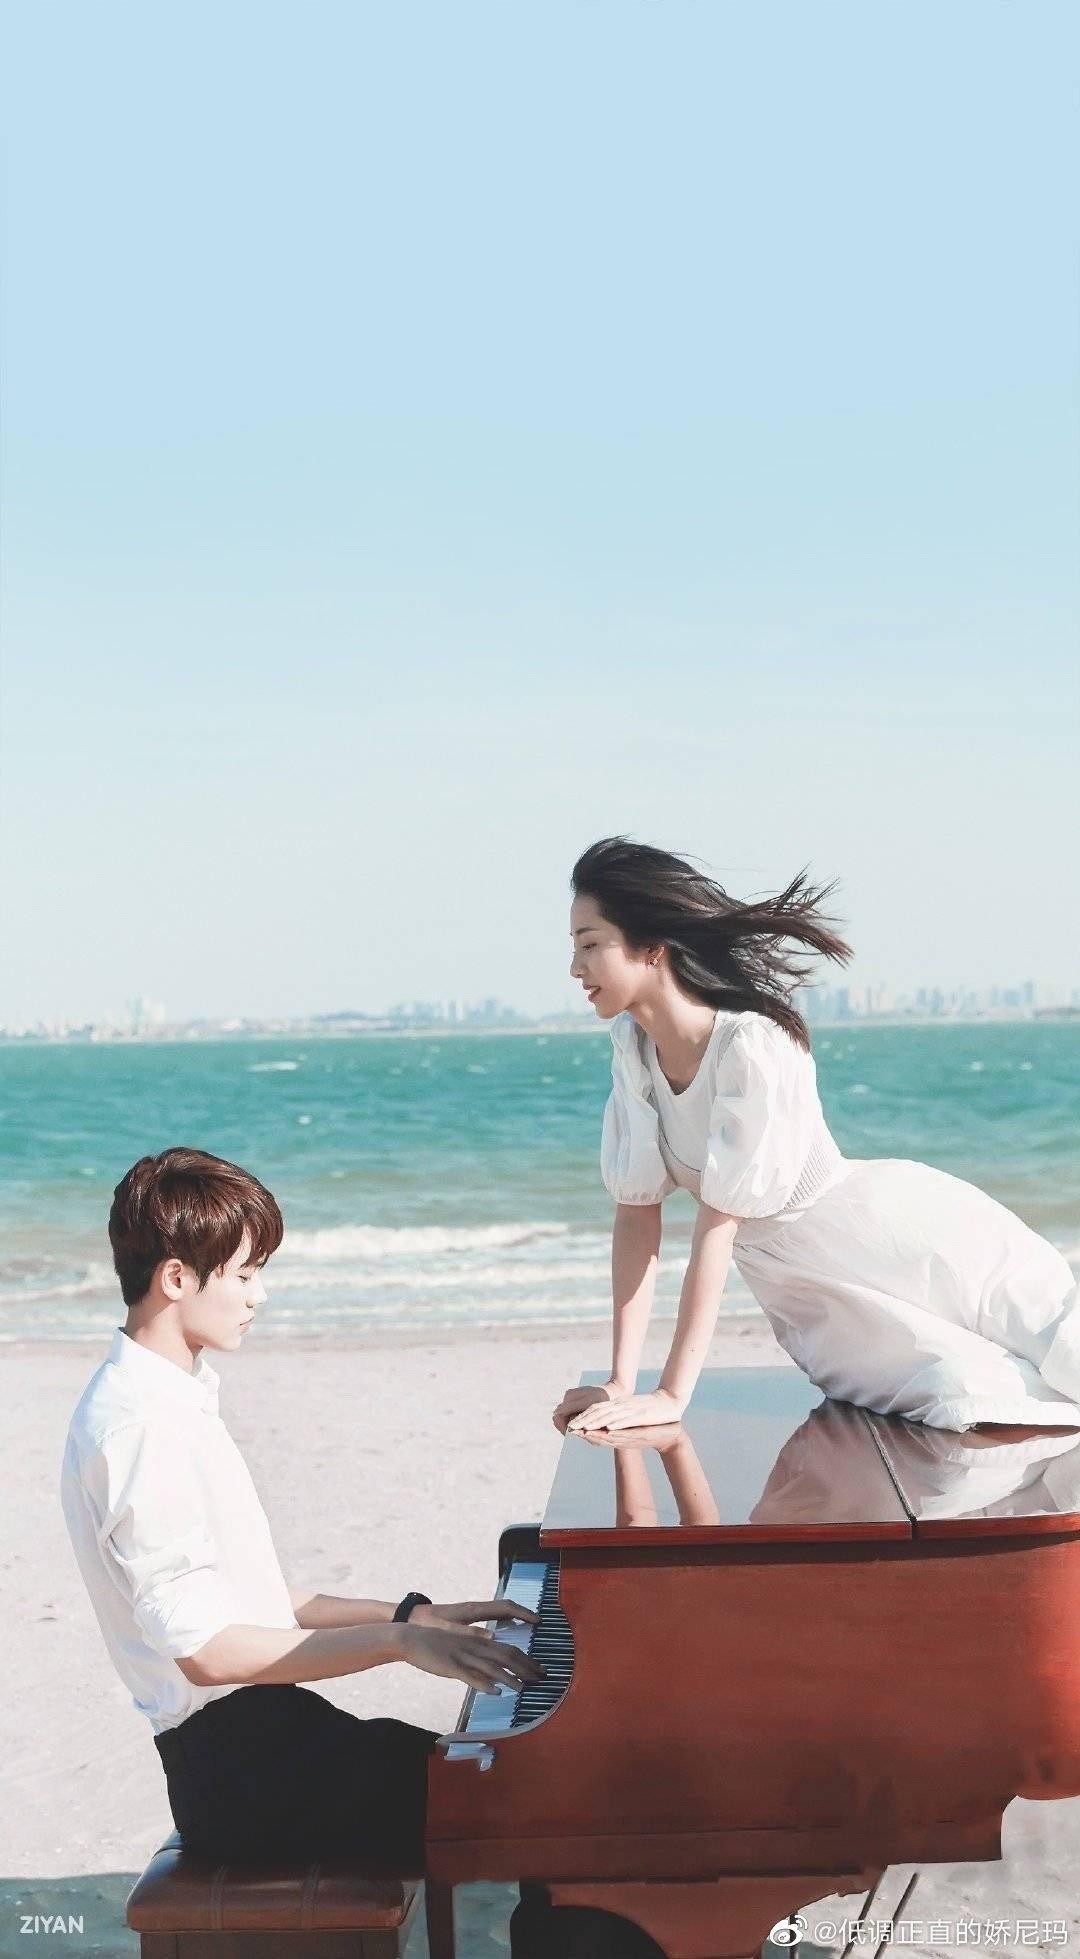 11 bức ảnh đẹp đôi tràn màn hình của các sao Hoa ngữ: Ai cũng được cưng sao Triệu Lộ Tư - Dương Dương lại bị mỉa mai? 1